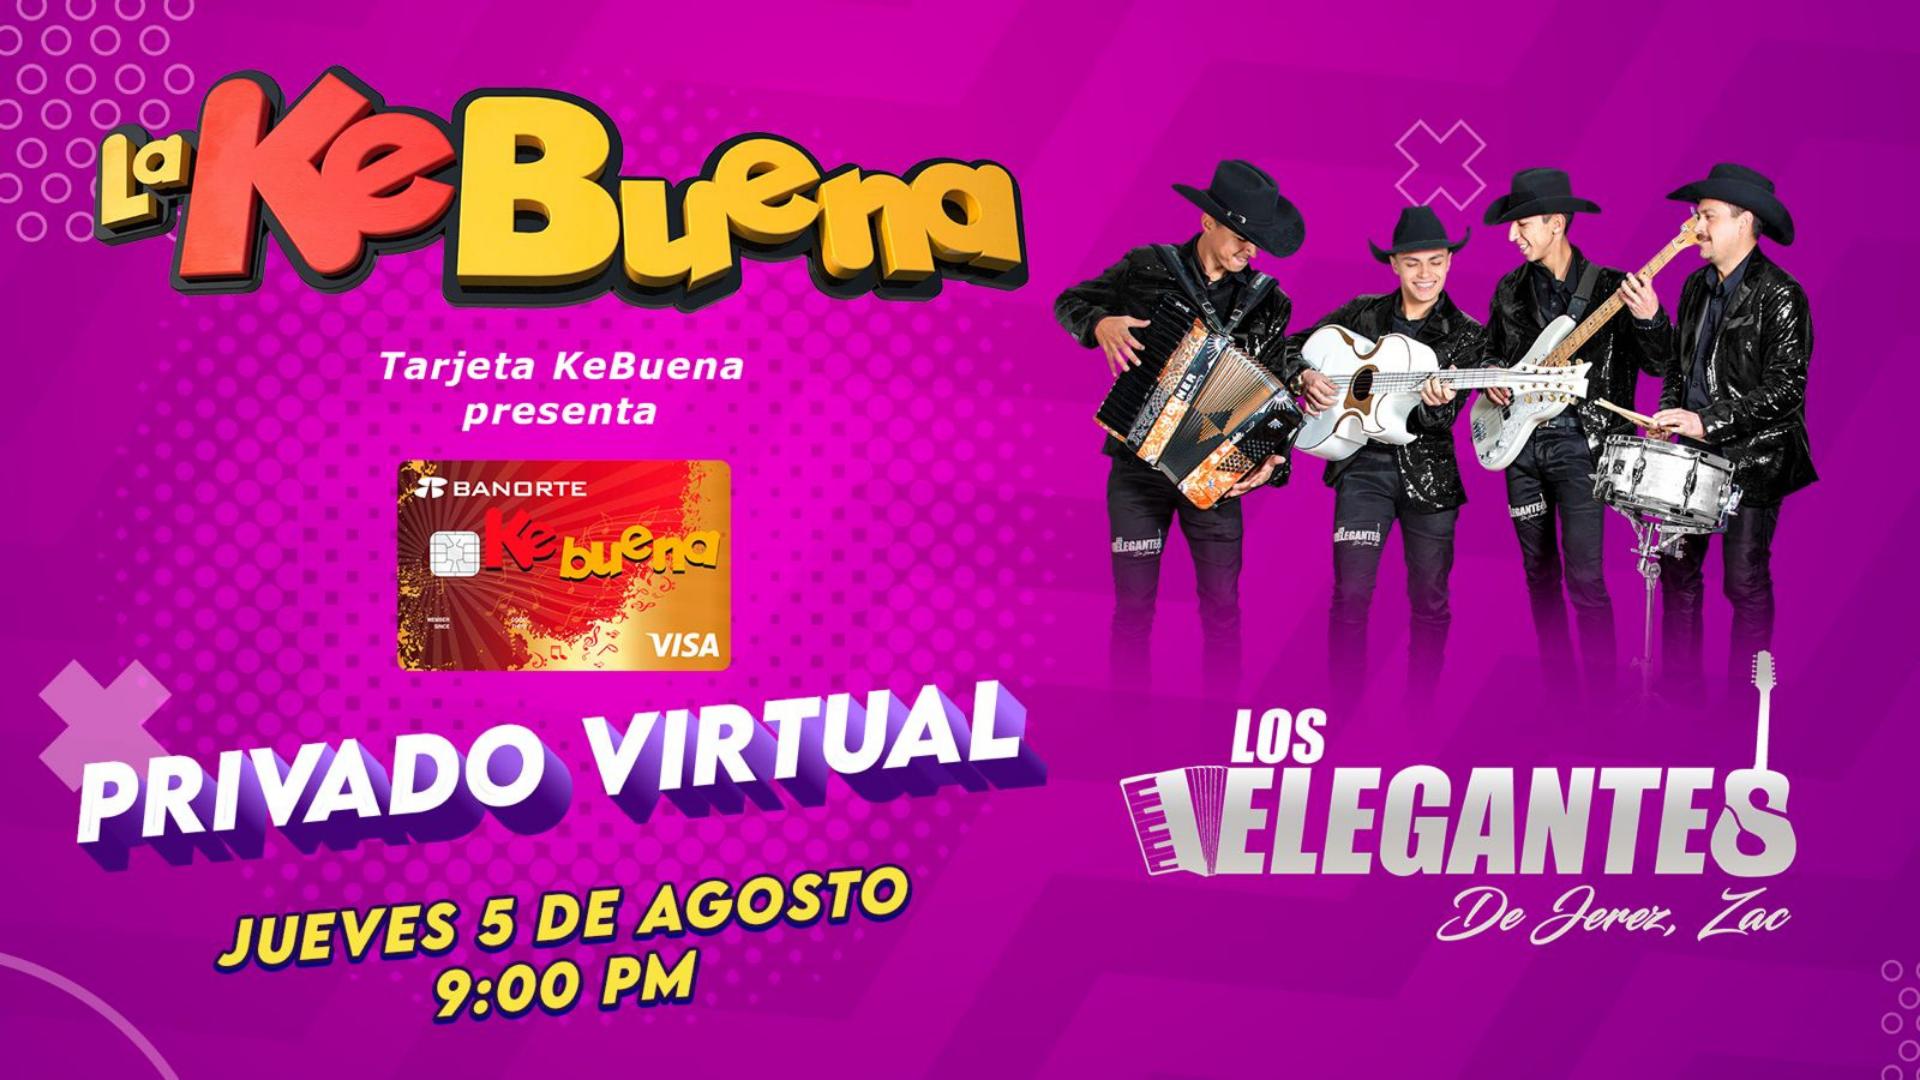 La KeBuena y tarjeta Banorte presentan un concierto online con Los Elegantes de Jerez este 5 de agosto